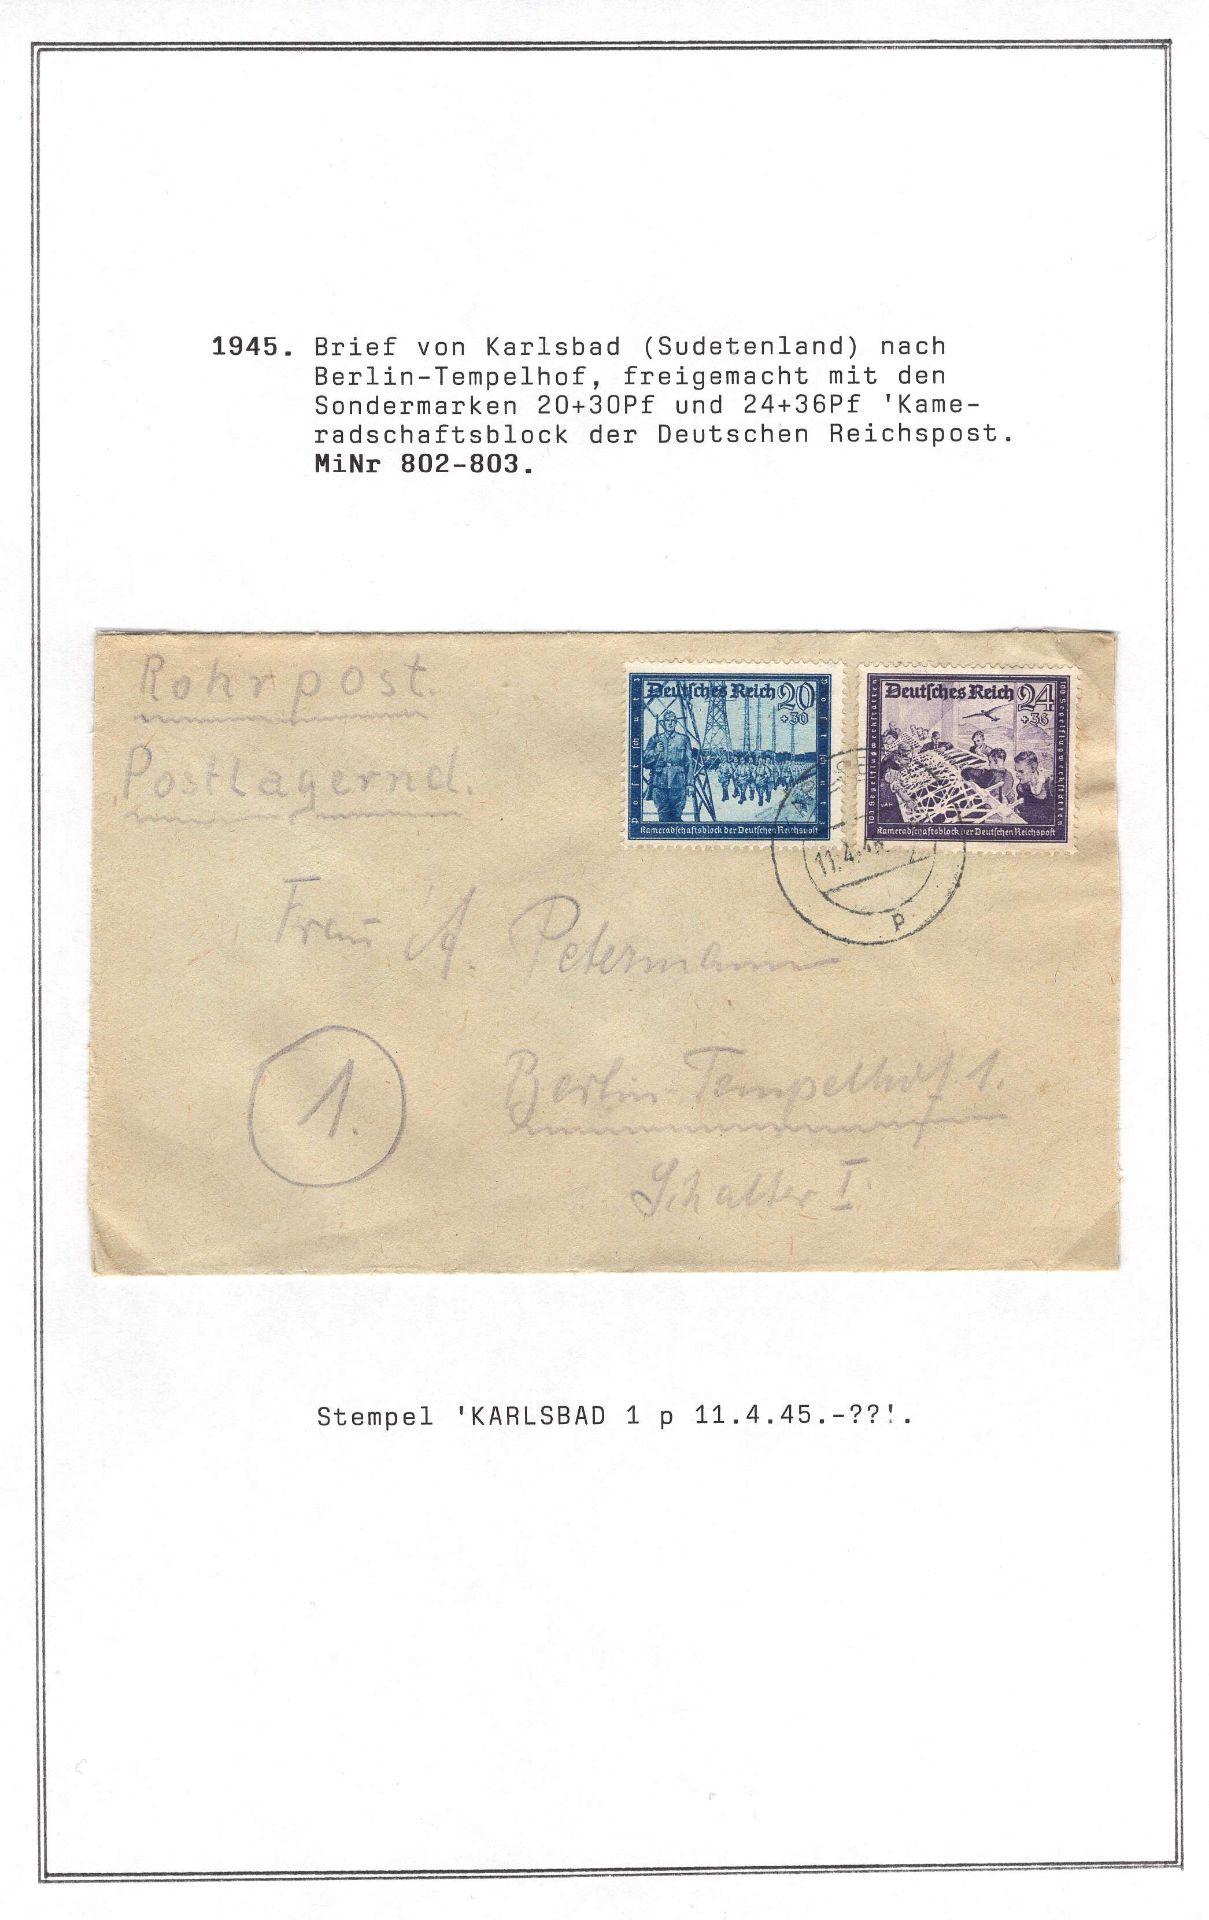 Deutsches Reich 1945, Rohrpostbrief, postlagernd mit Mi. - Nr. 802/03, gelaufen vom Sudetenland nach